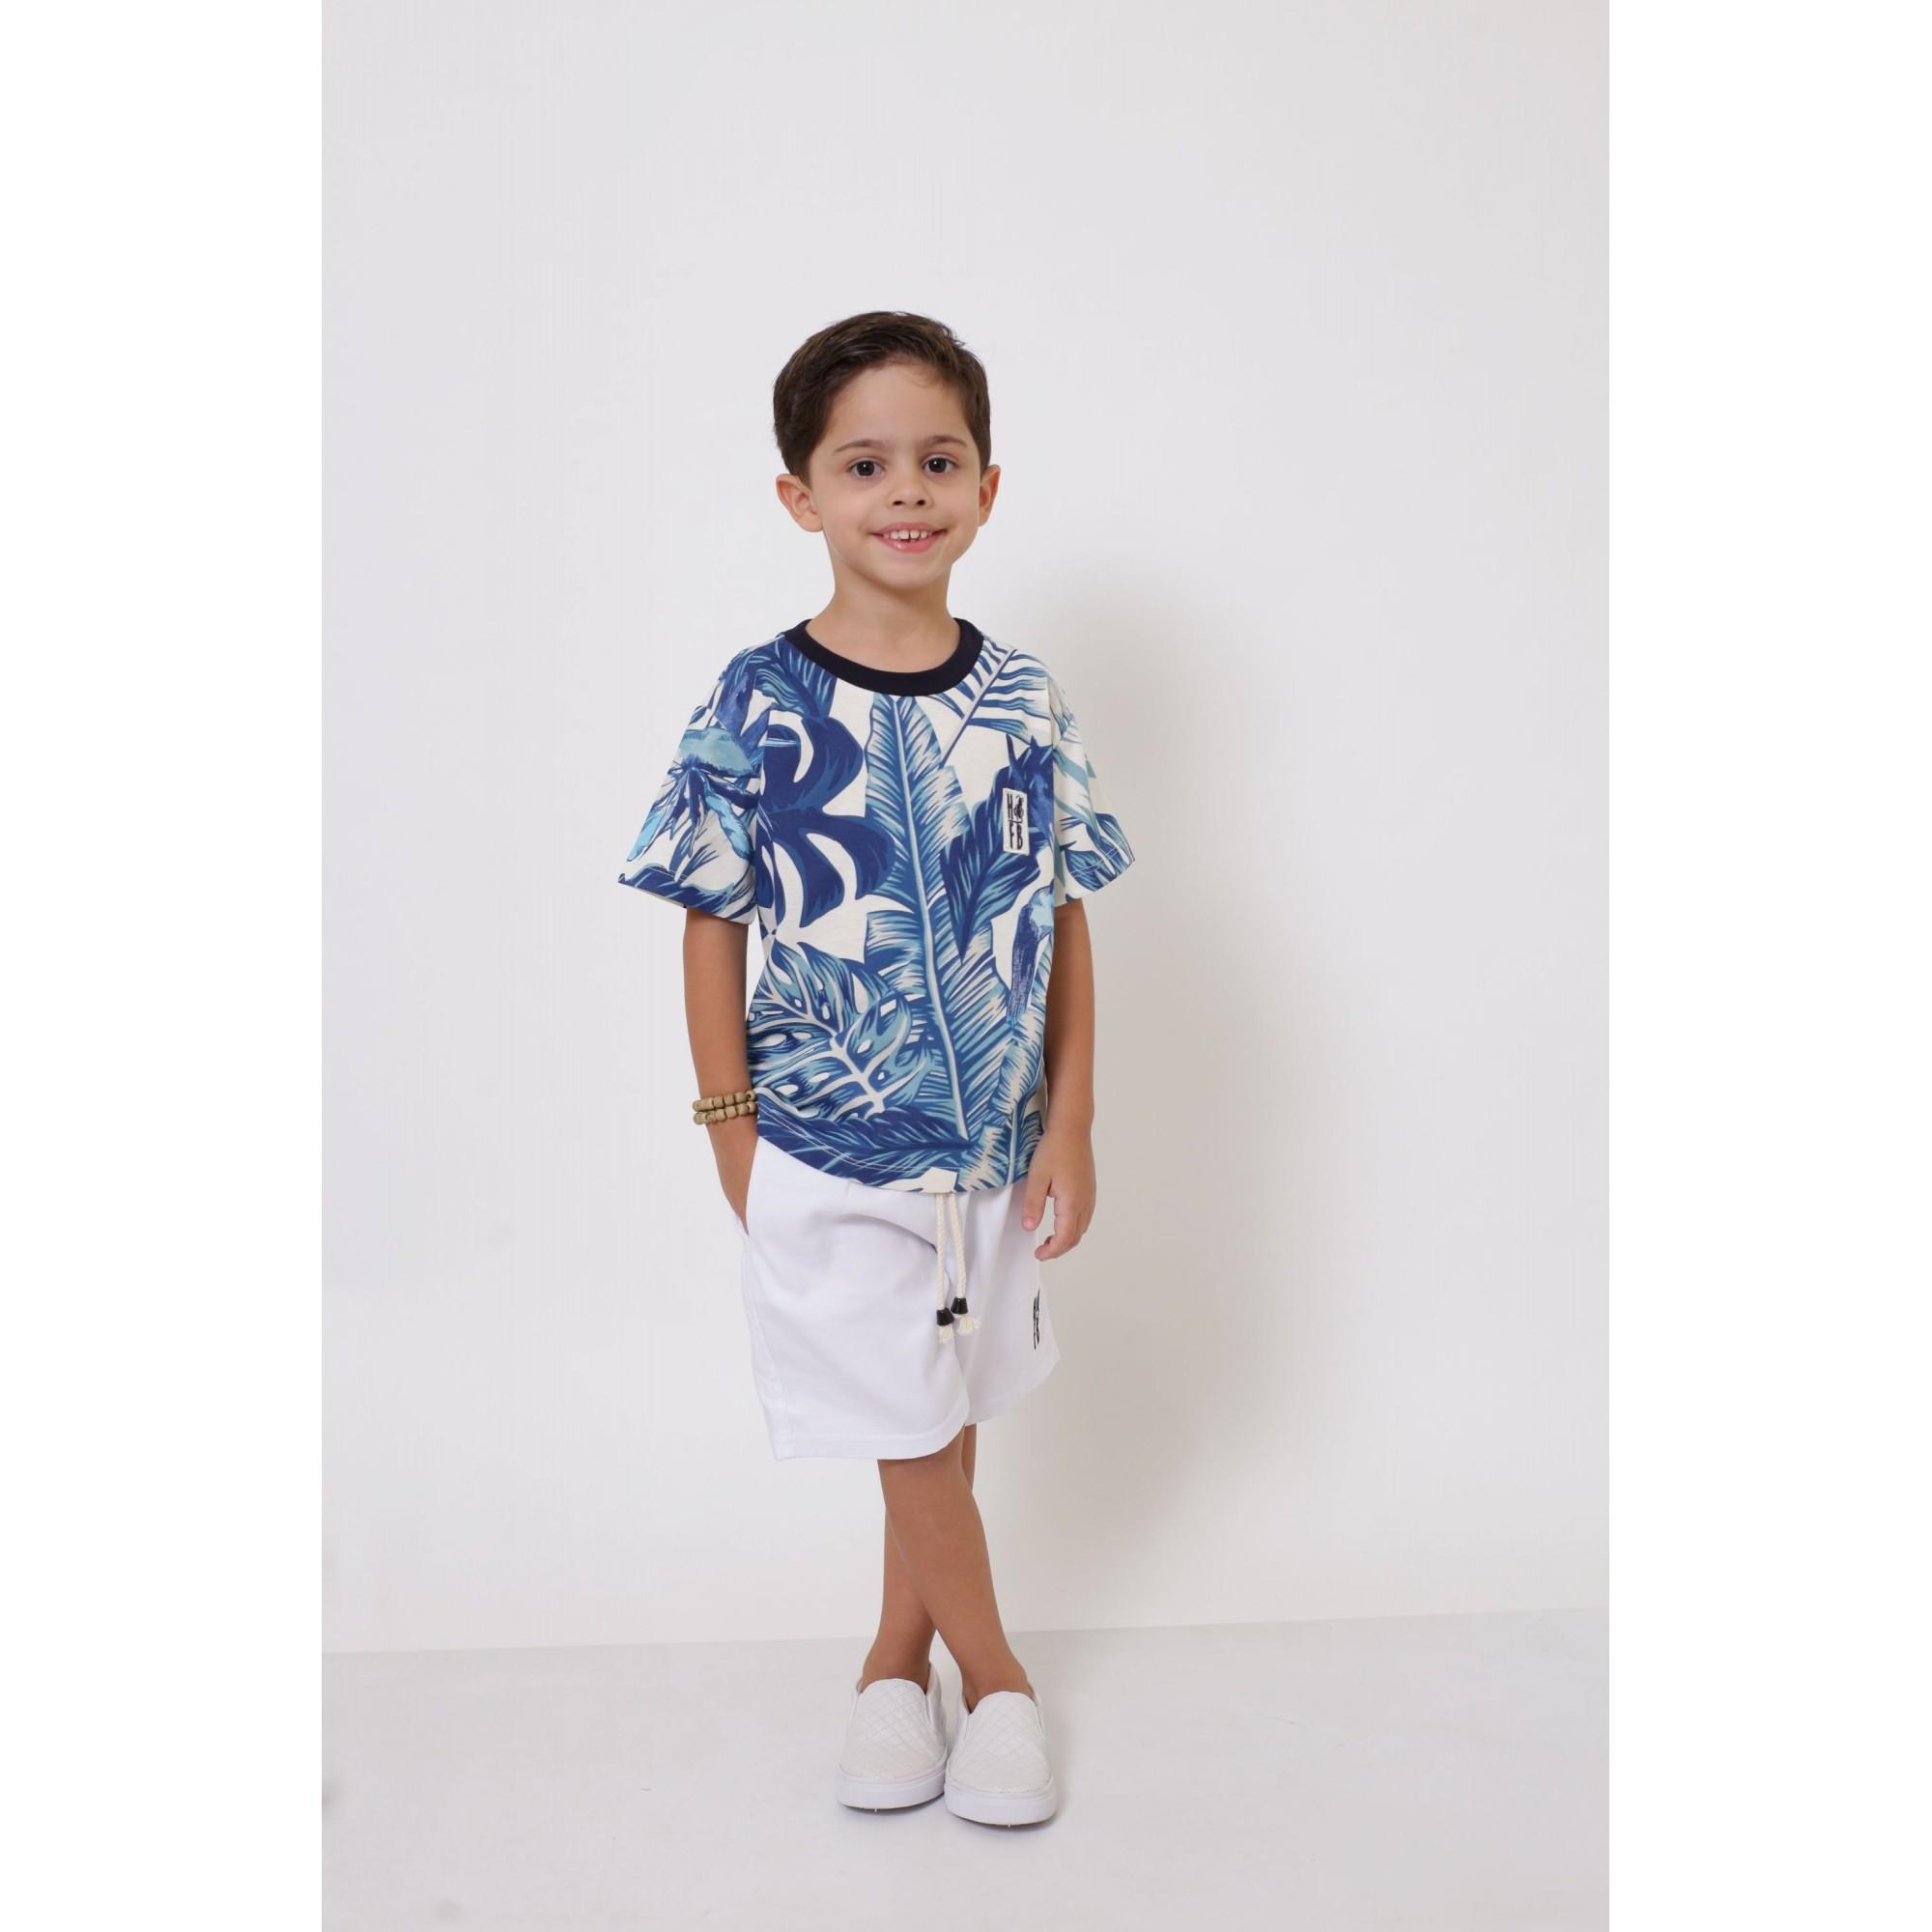 Camiseta ou Body Infantil Unissex - Caribe